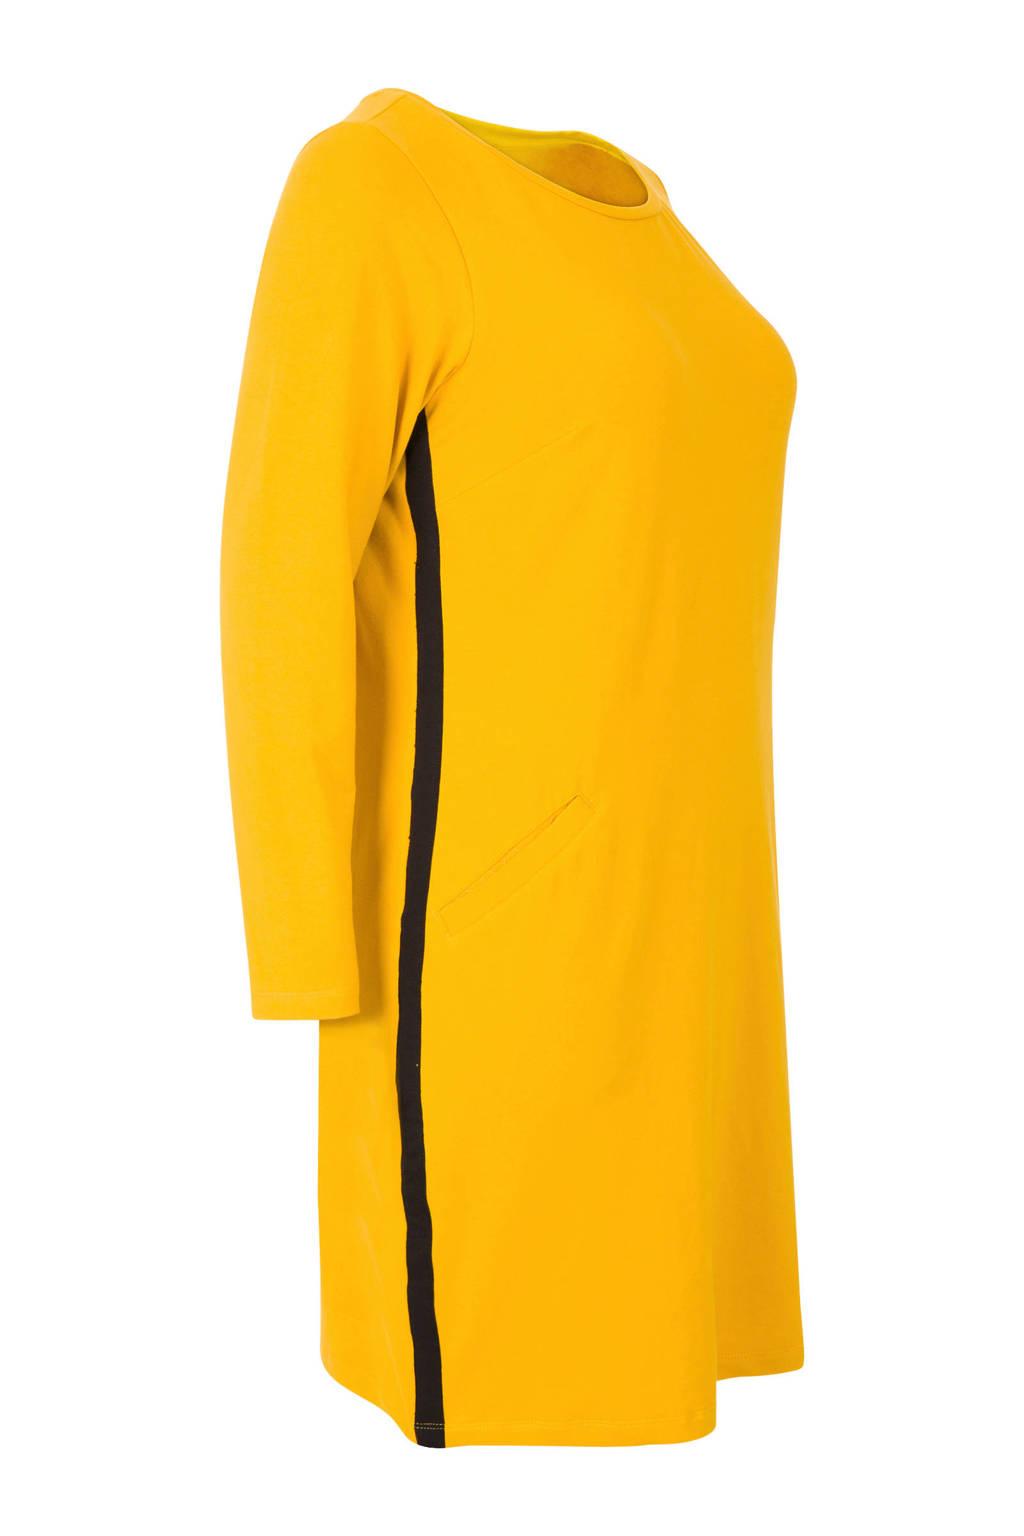 Miss Etam Plus jurk geel, Geel